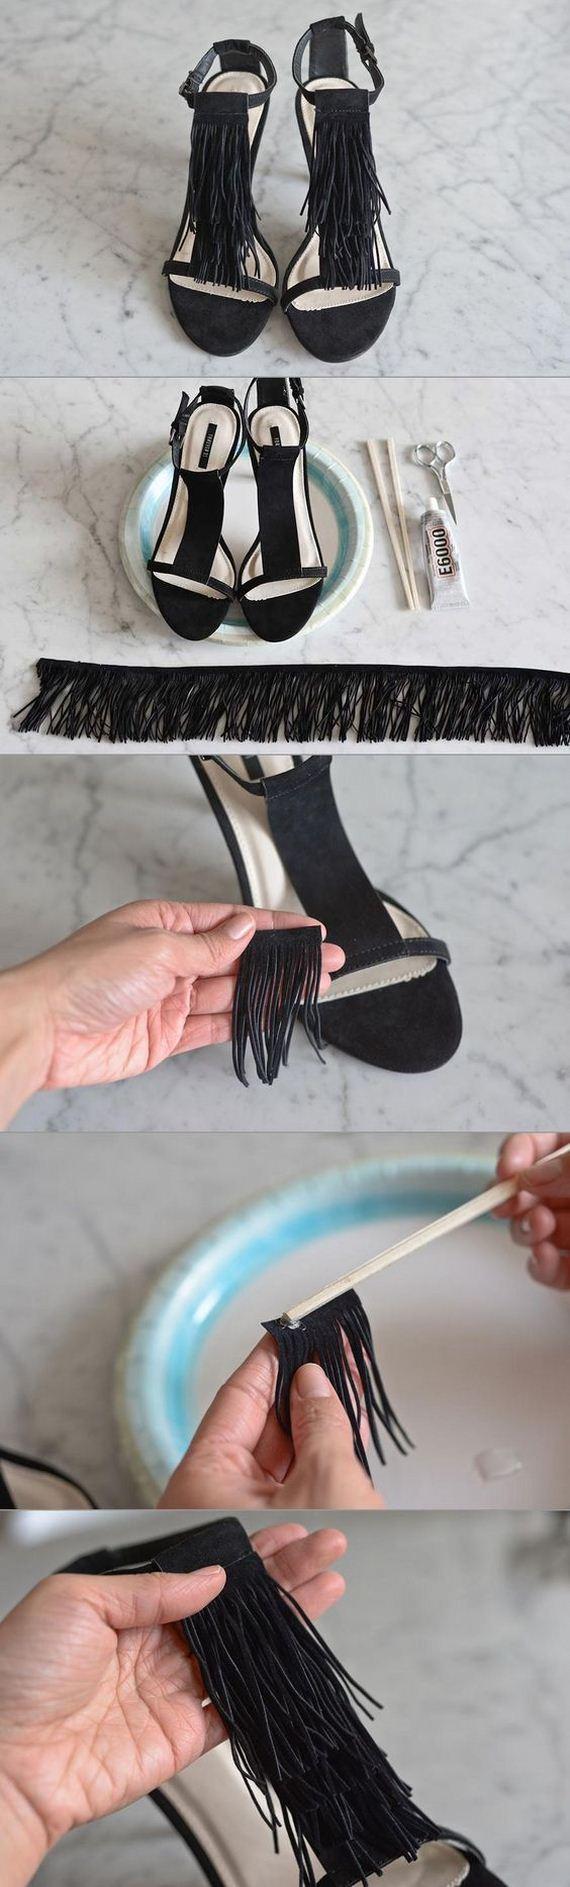 04-great-diy-heels-ideas